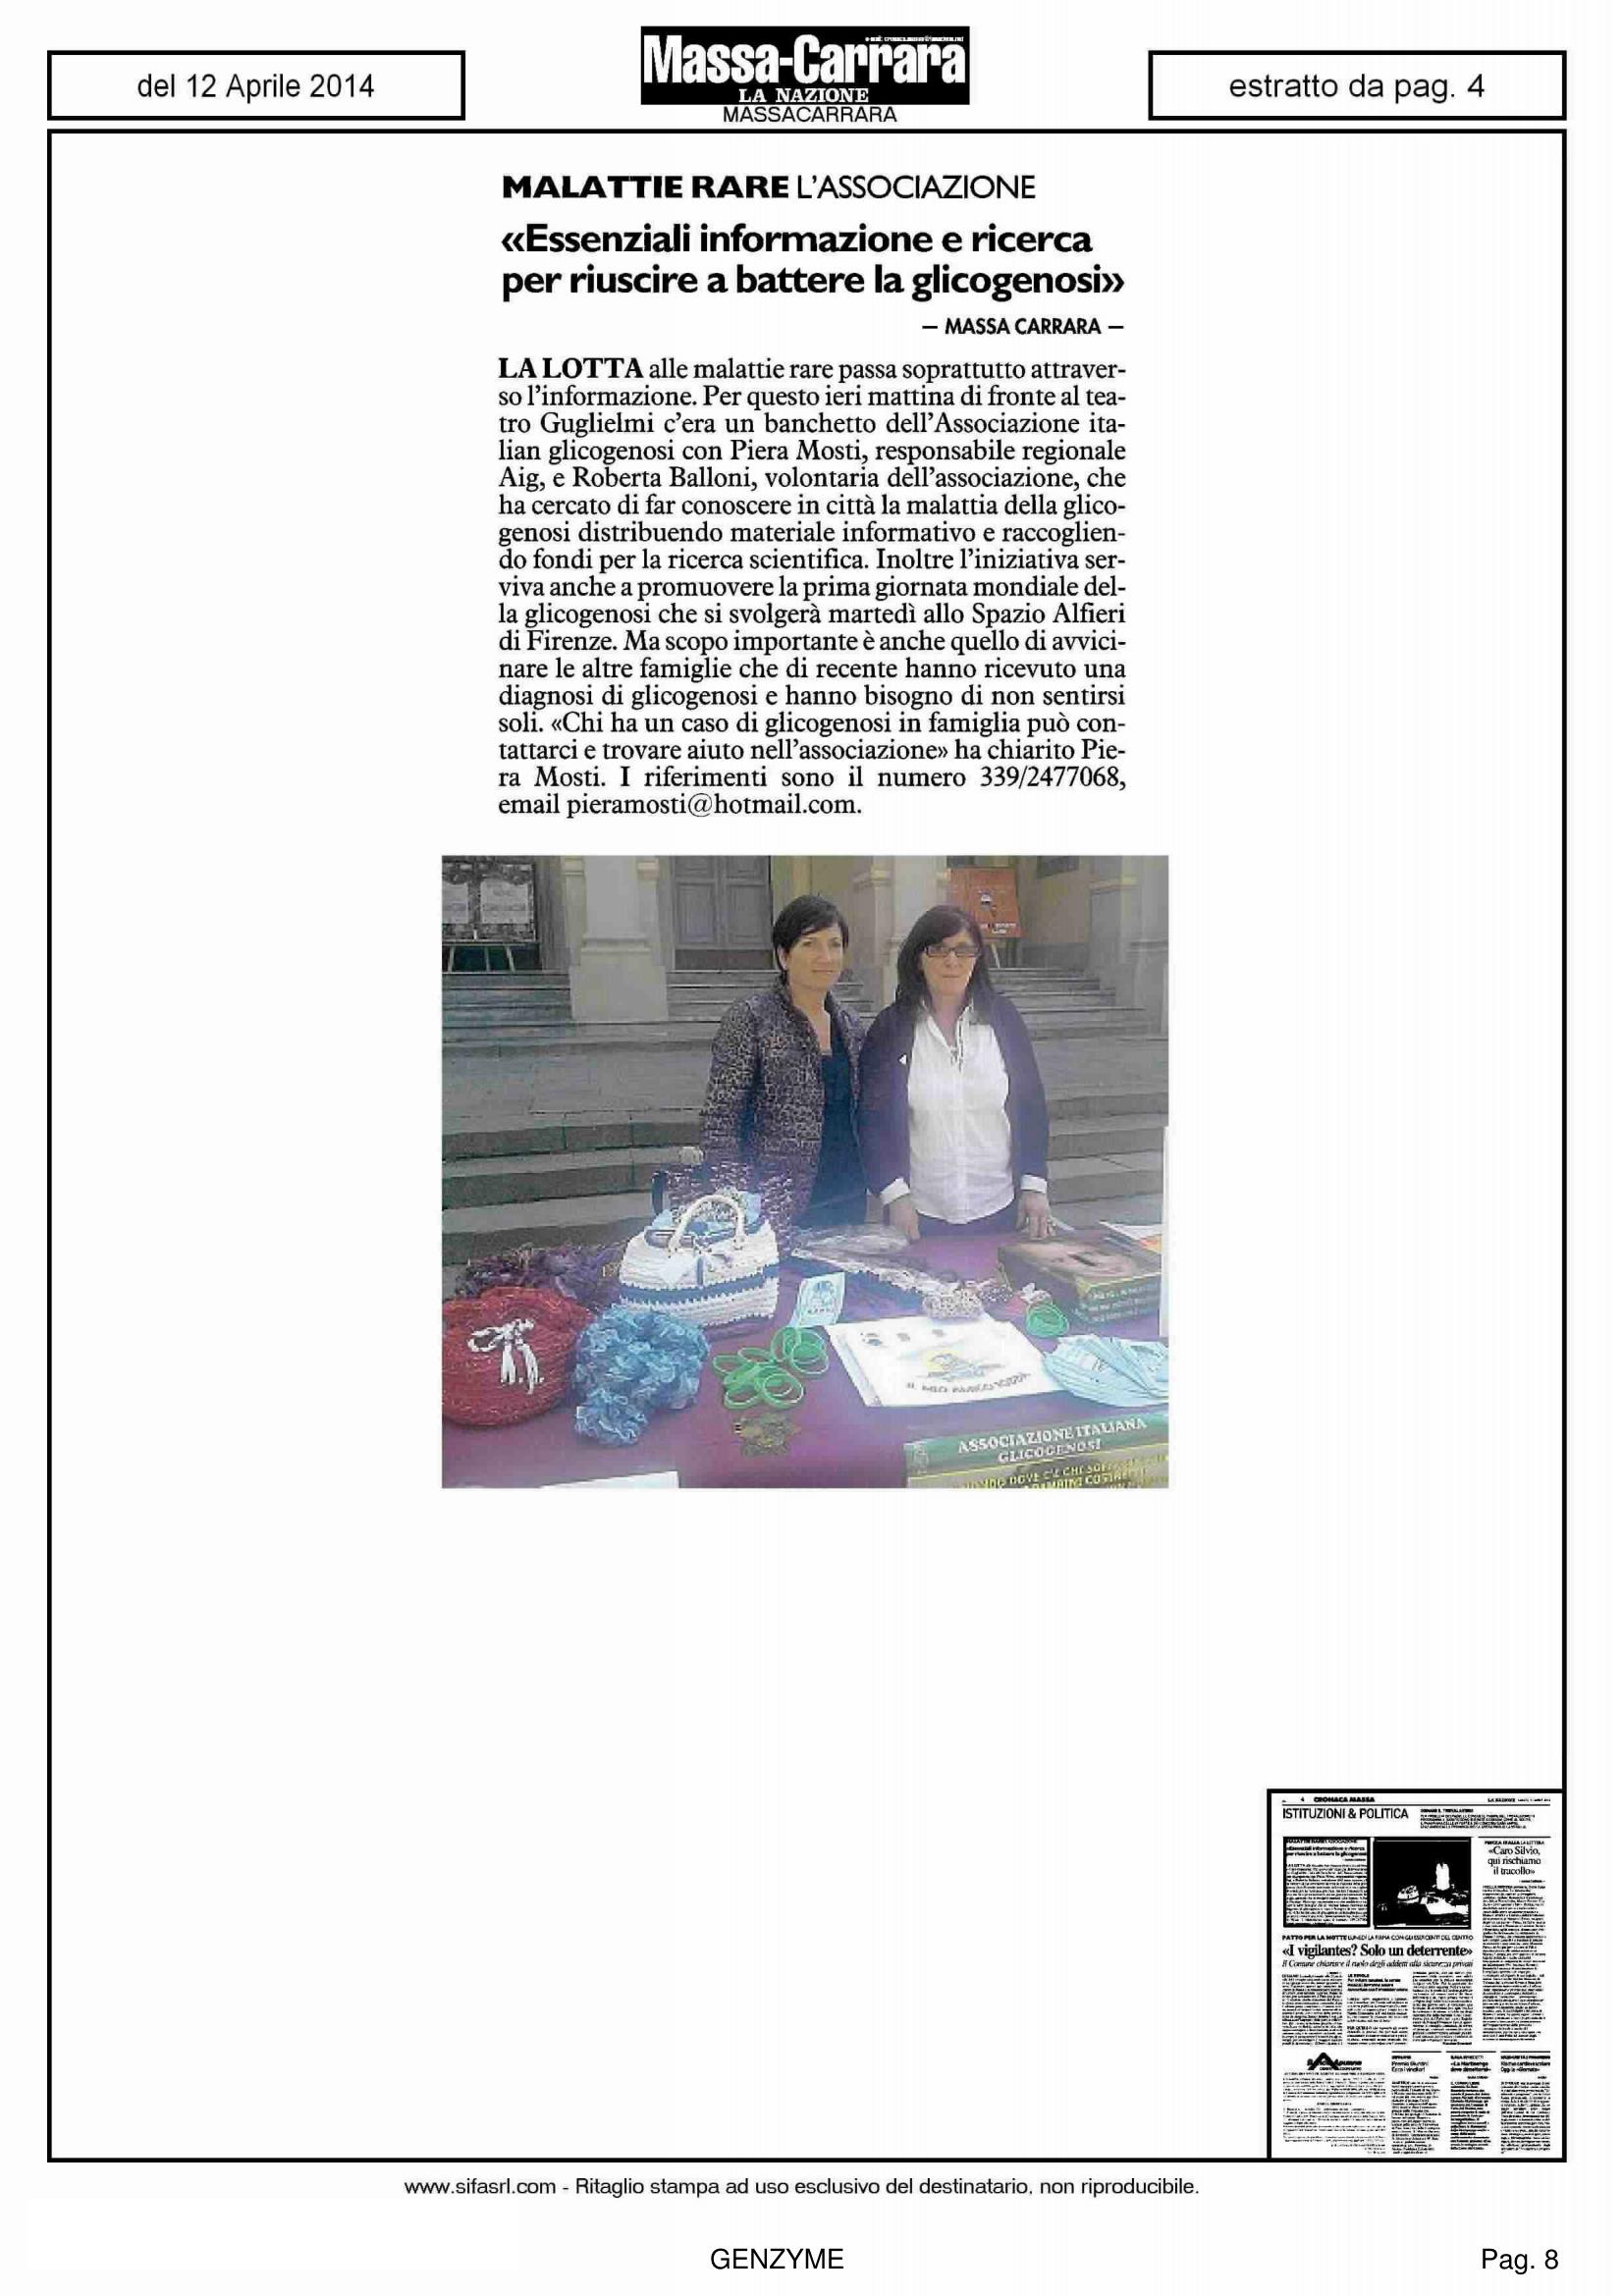 Stampa_20140416 Banchetti AIG nelle piazze italiane_Page_10